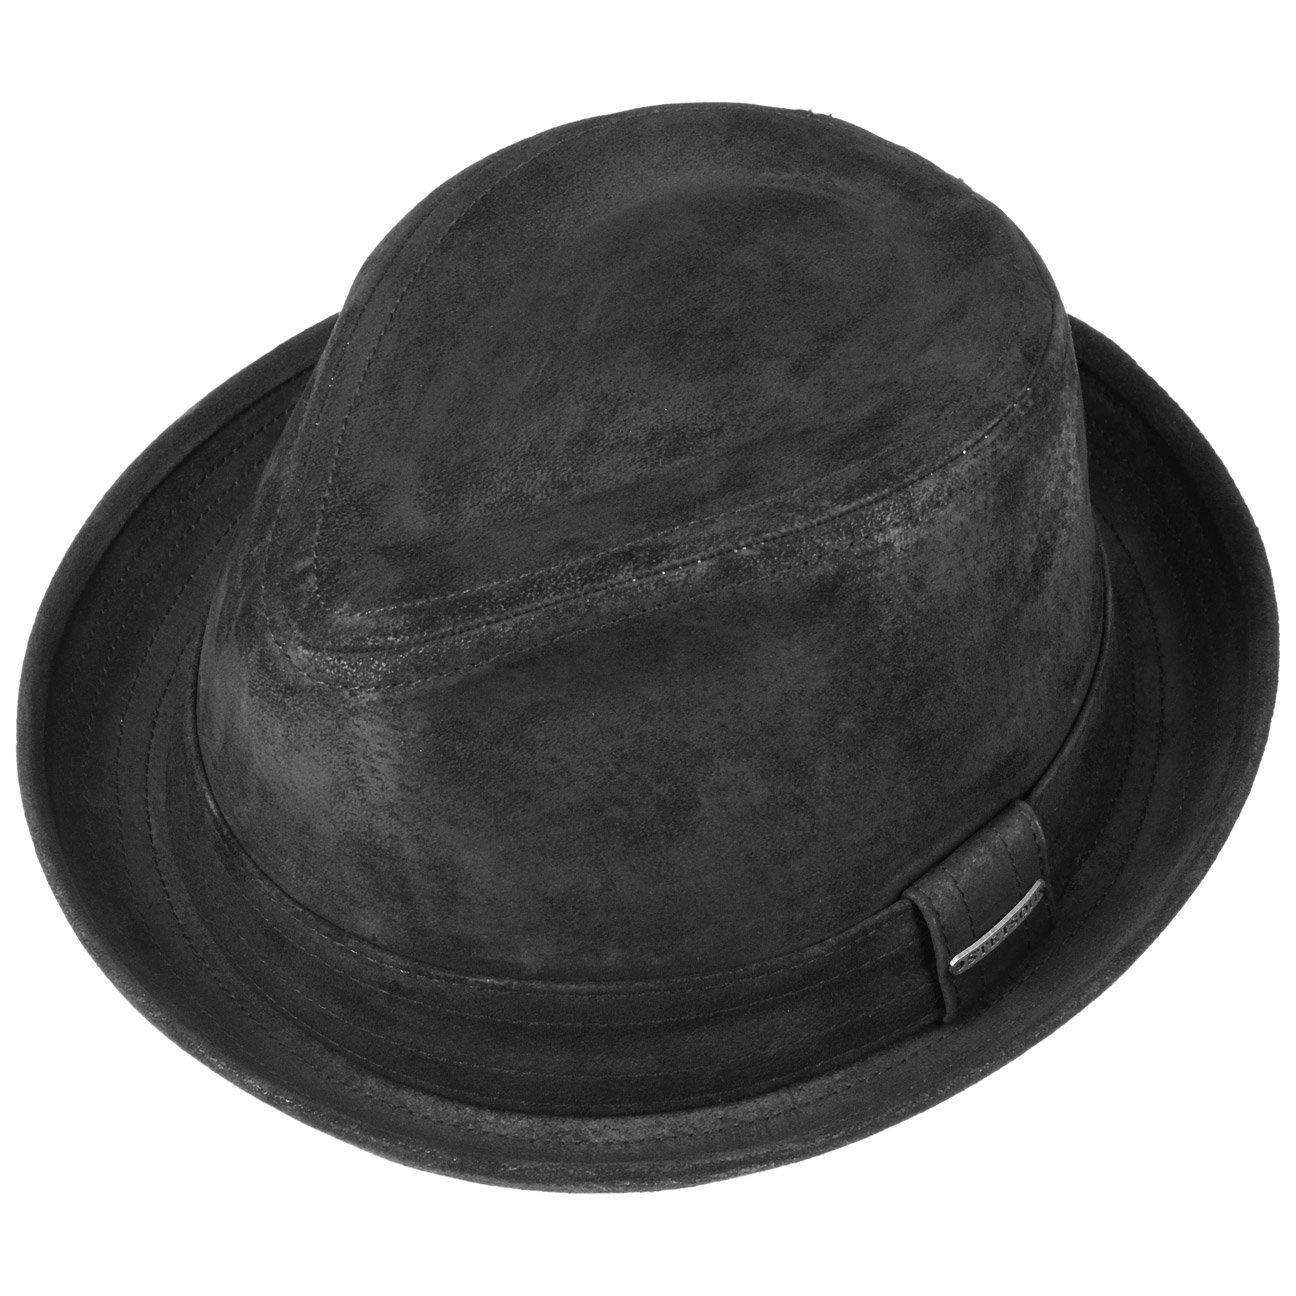 08e3b1c903880 Stetson Chapeau Radcliff Player Homme | en Cuir Trilby Fedora avec  Doublure, Bandeau Printemps-ete: Amazon.fr: Vêtements et accessoires